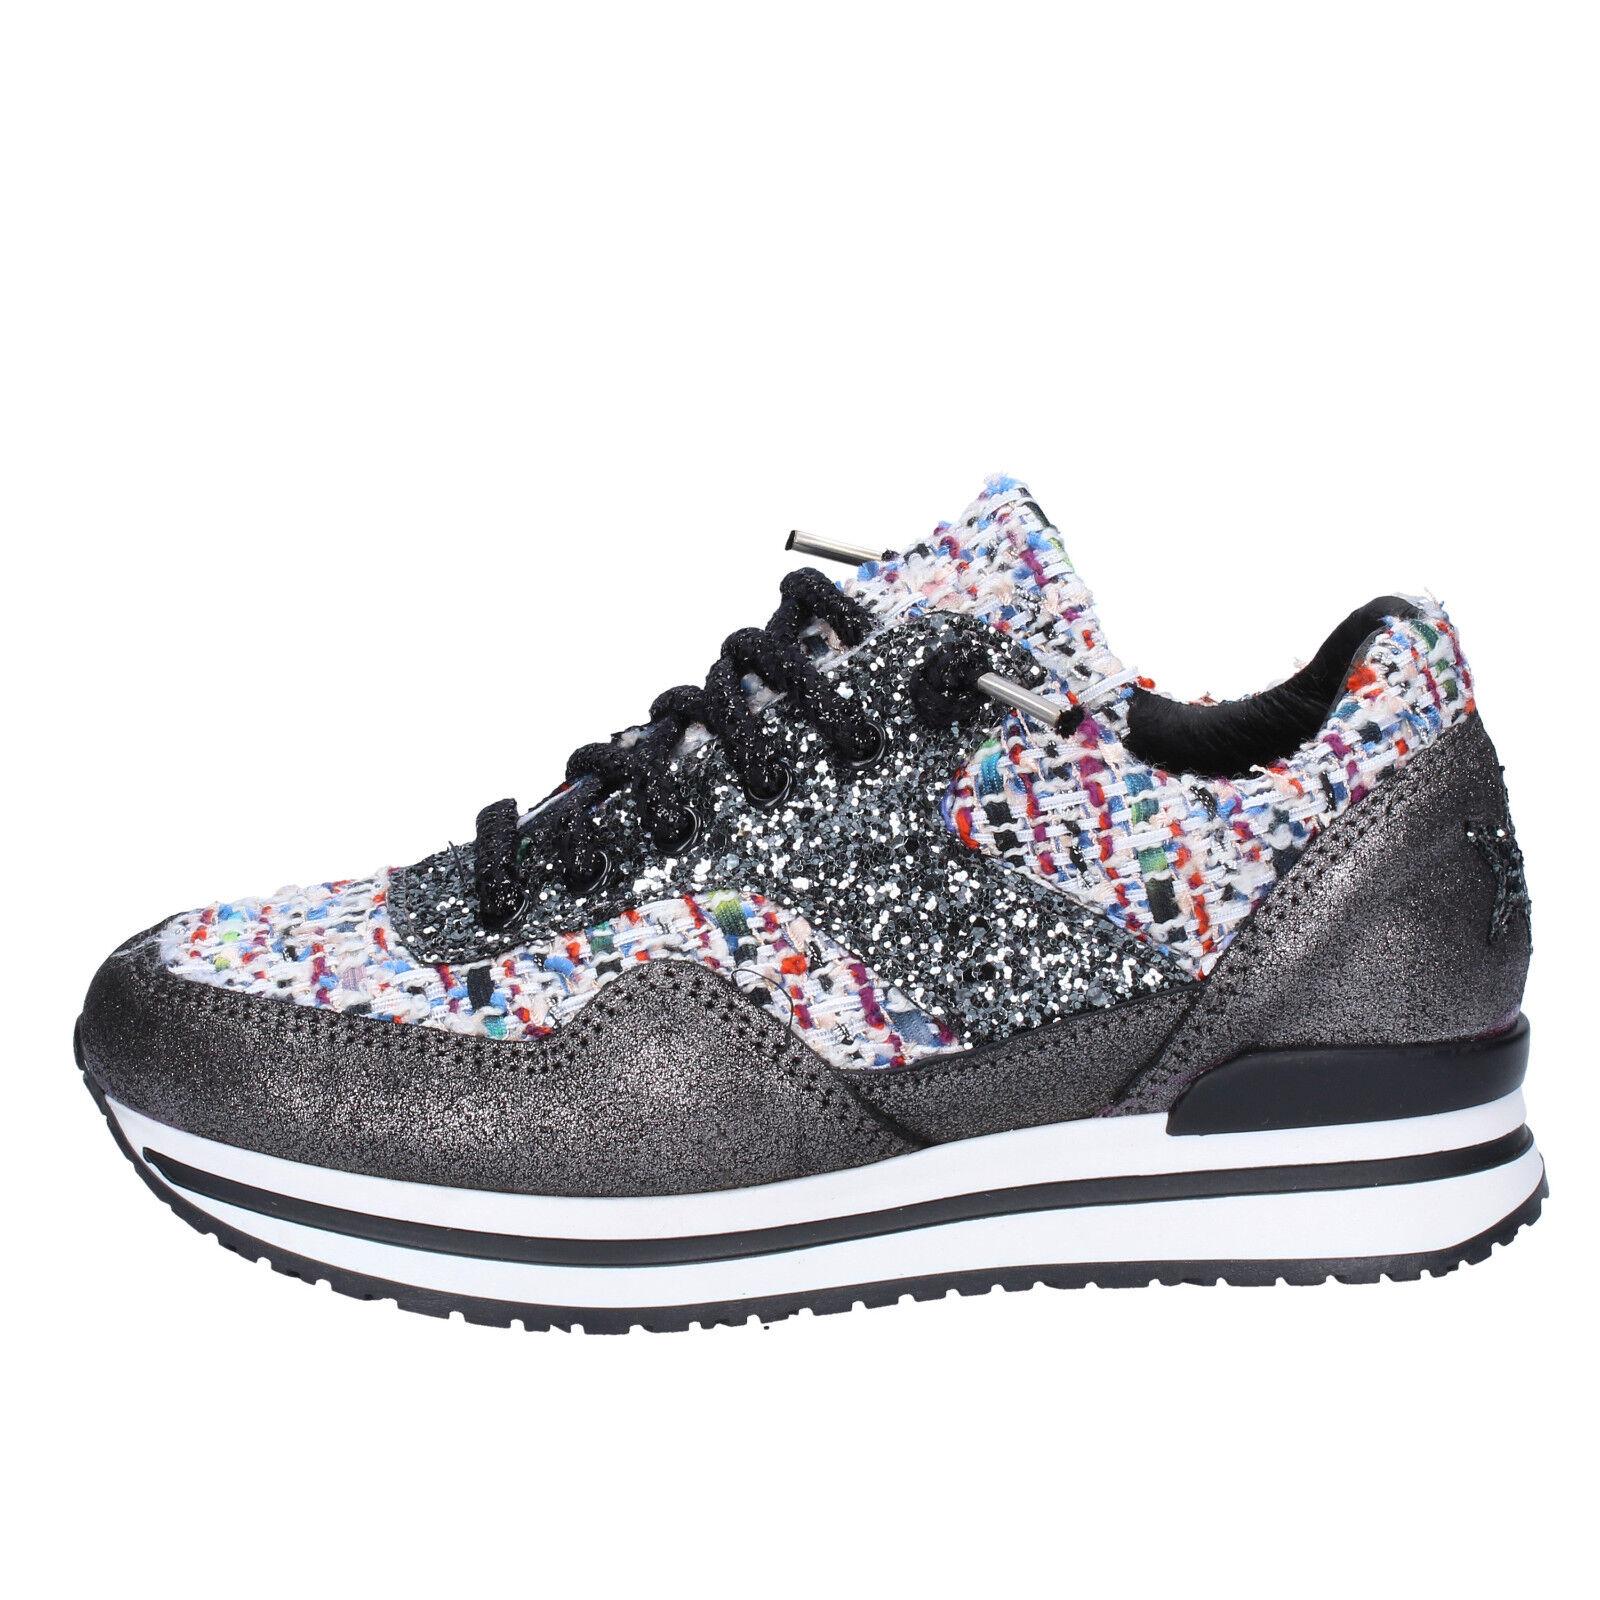 scarpe donna sneakers 2 STAR GOLD 35 sneakers donna nero multicolor tessuto glitter BX33-35 9636b9